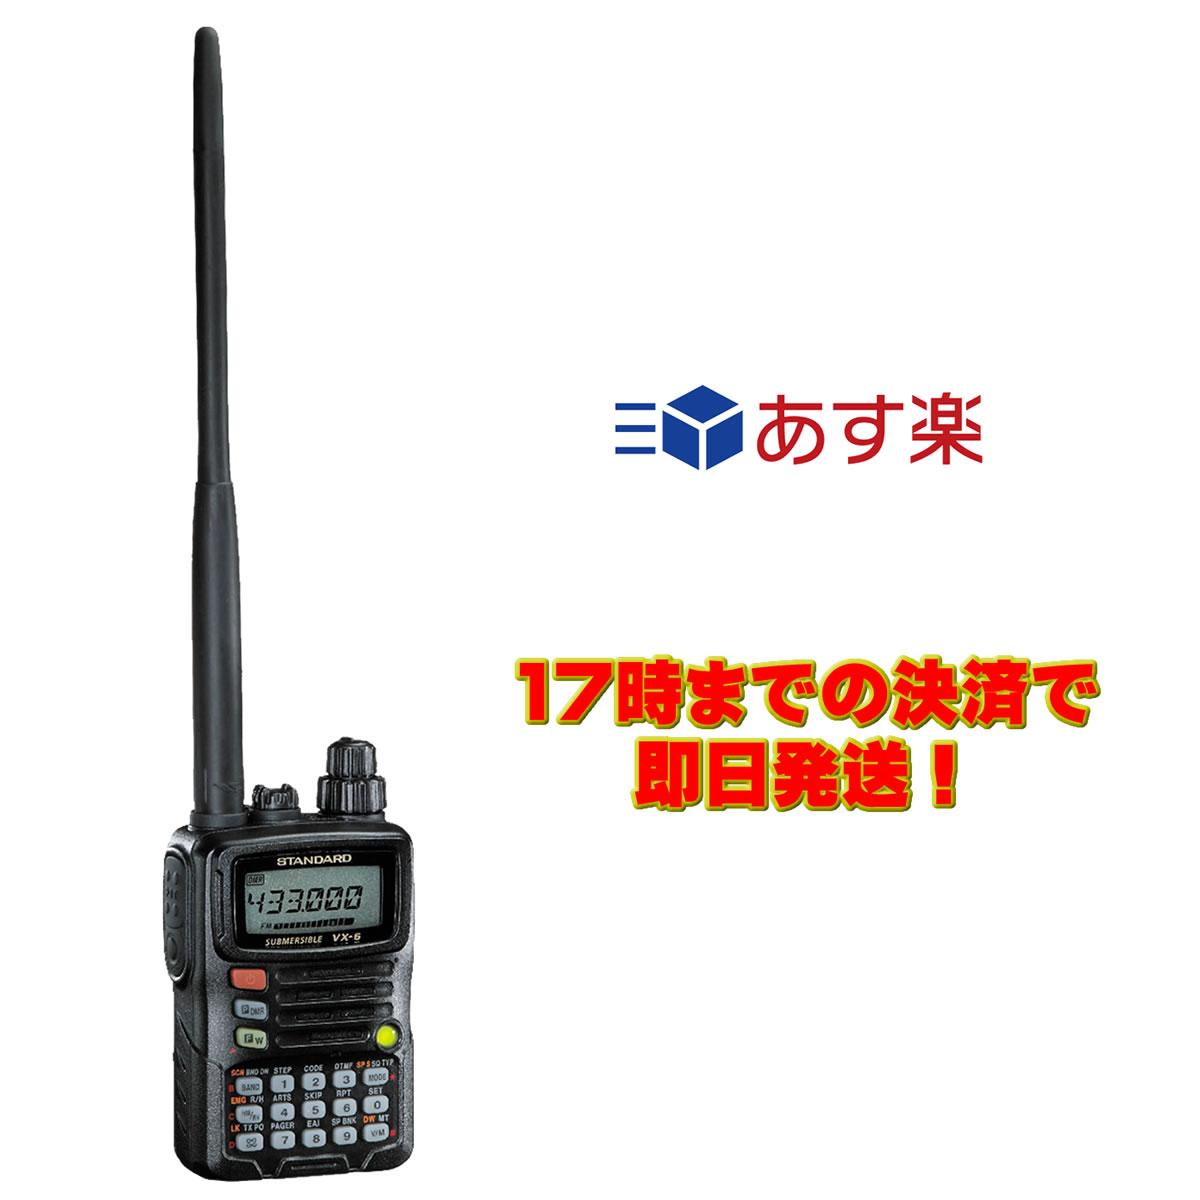 VX-6 スタンダード 144/430MHz FMコンパクトデュアルバンドハンディ 5W 新パッケージ(SAD-24B)